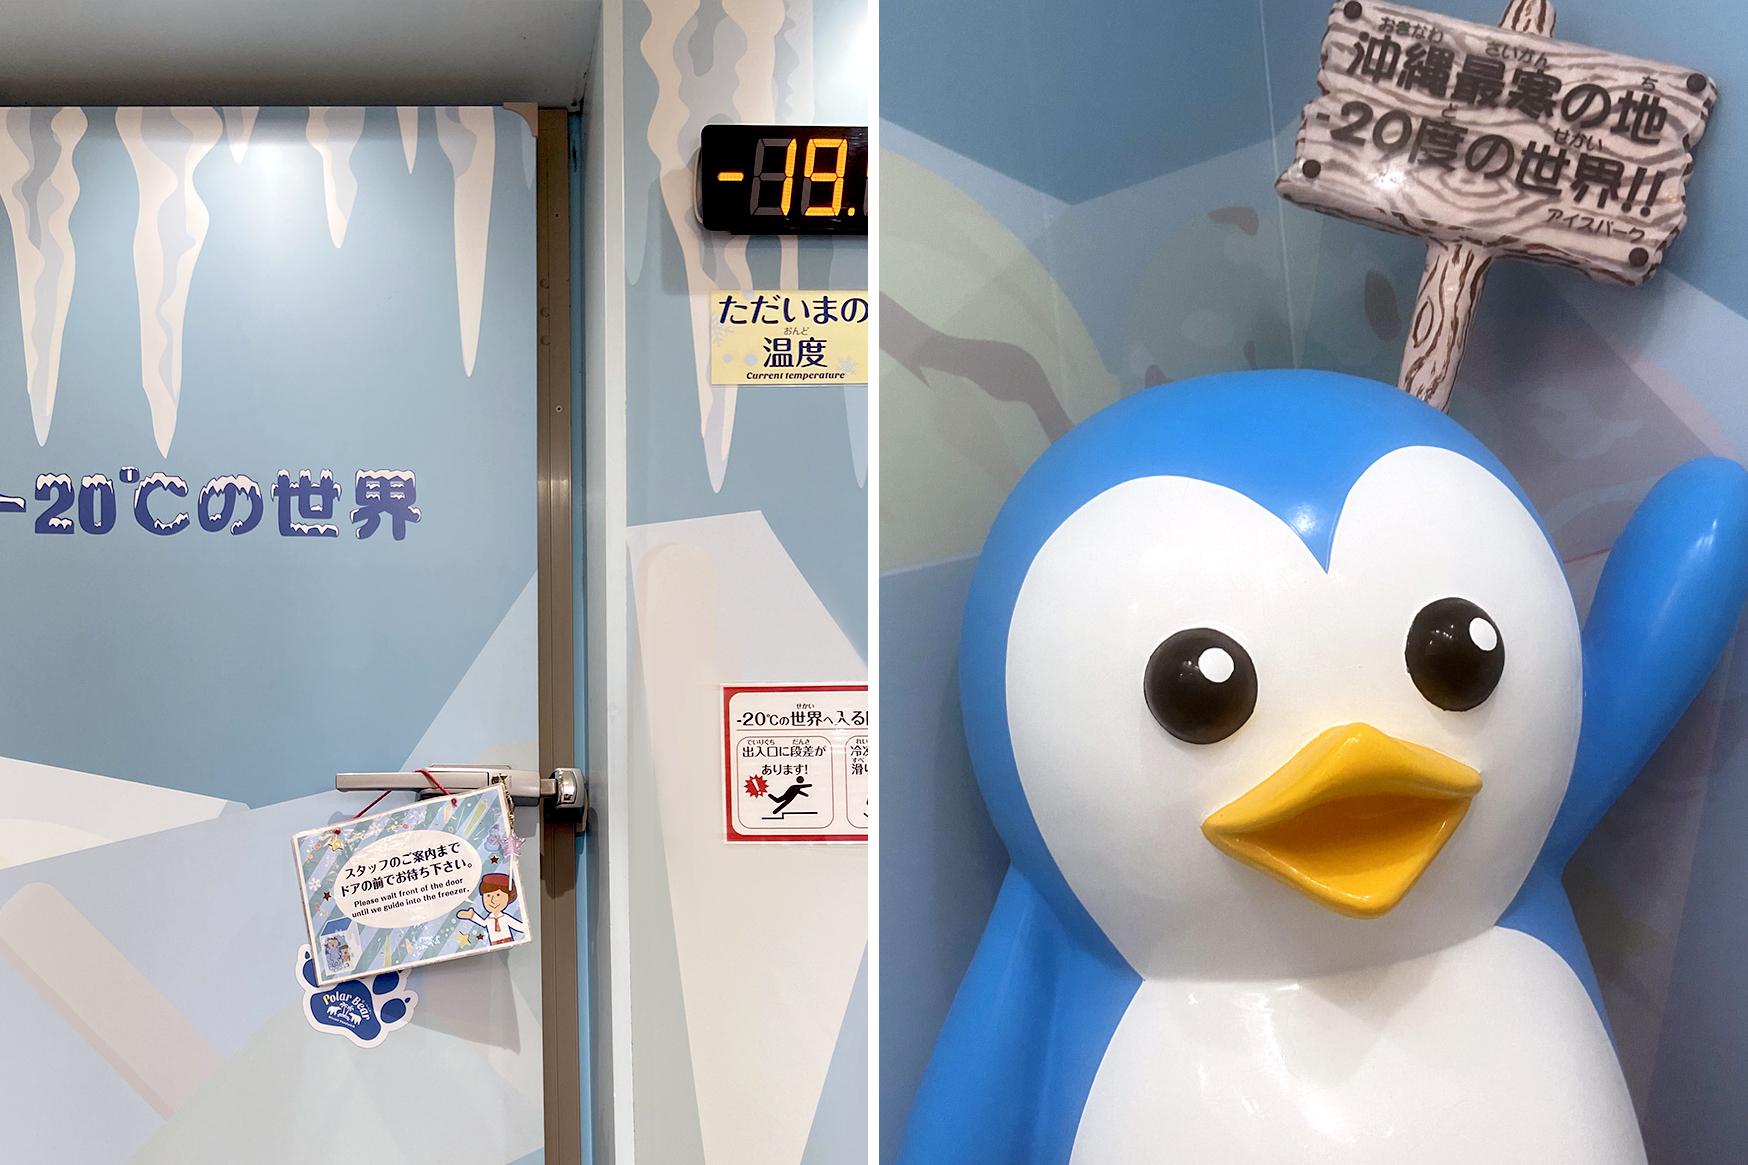 マイナス20度の世界が楽しめる冷凍庫体験